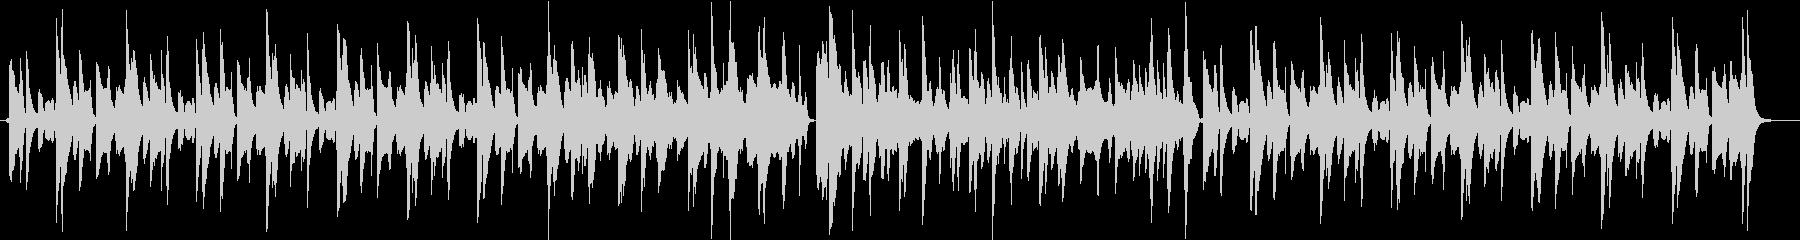 ほのぼの系動画用ループBGMの未再生の波形